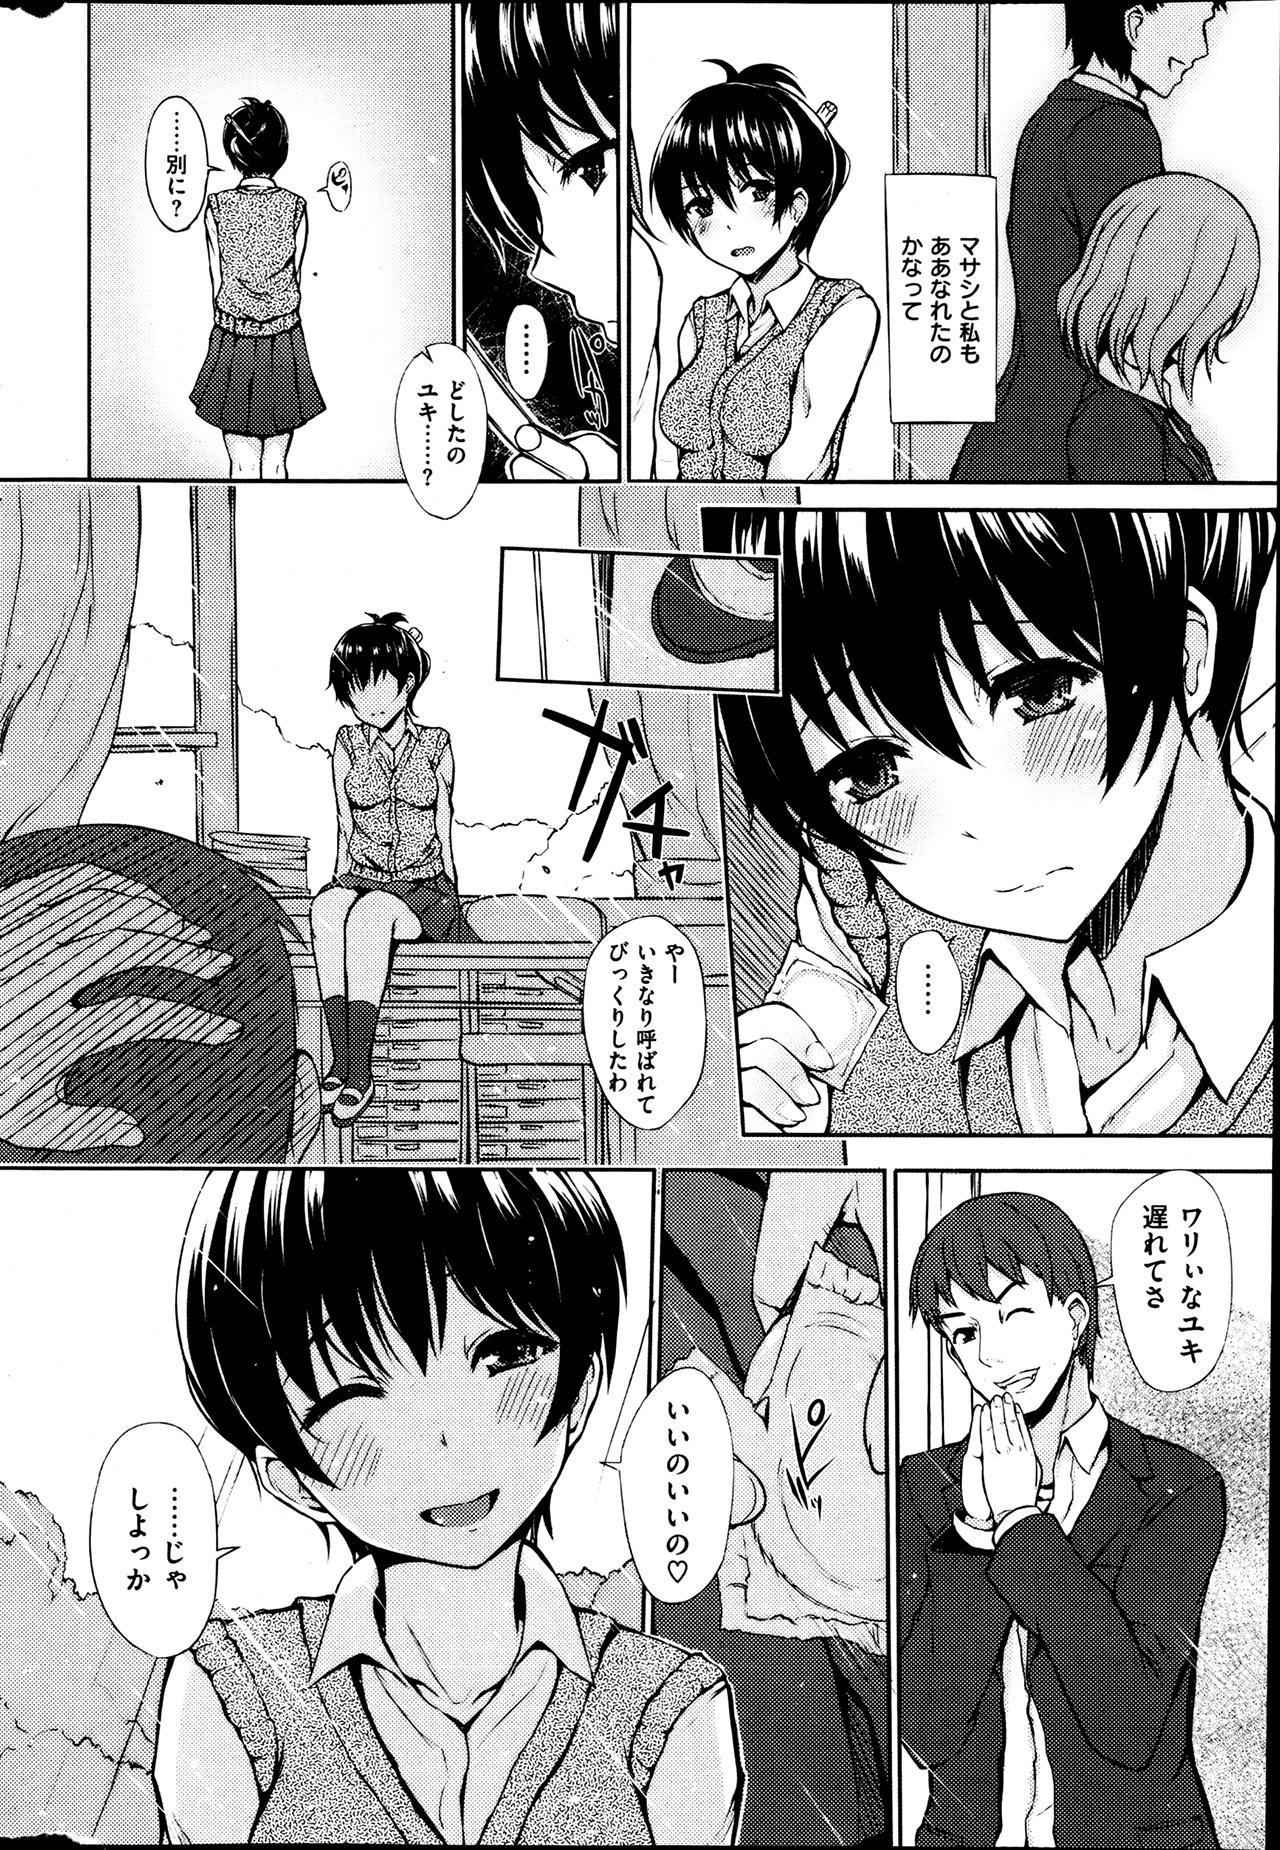 COMIC HANA-MAN 2013-08 Takeda Hiromitsu Tokushuu 239